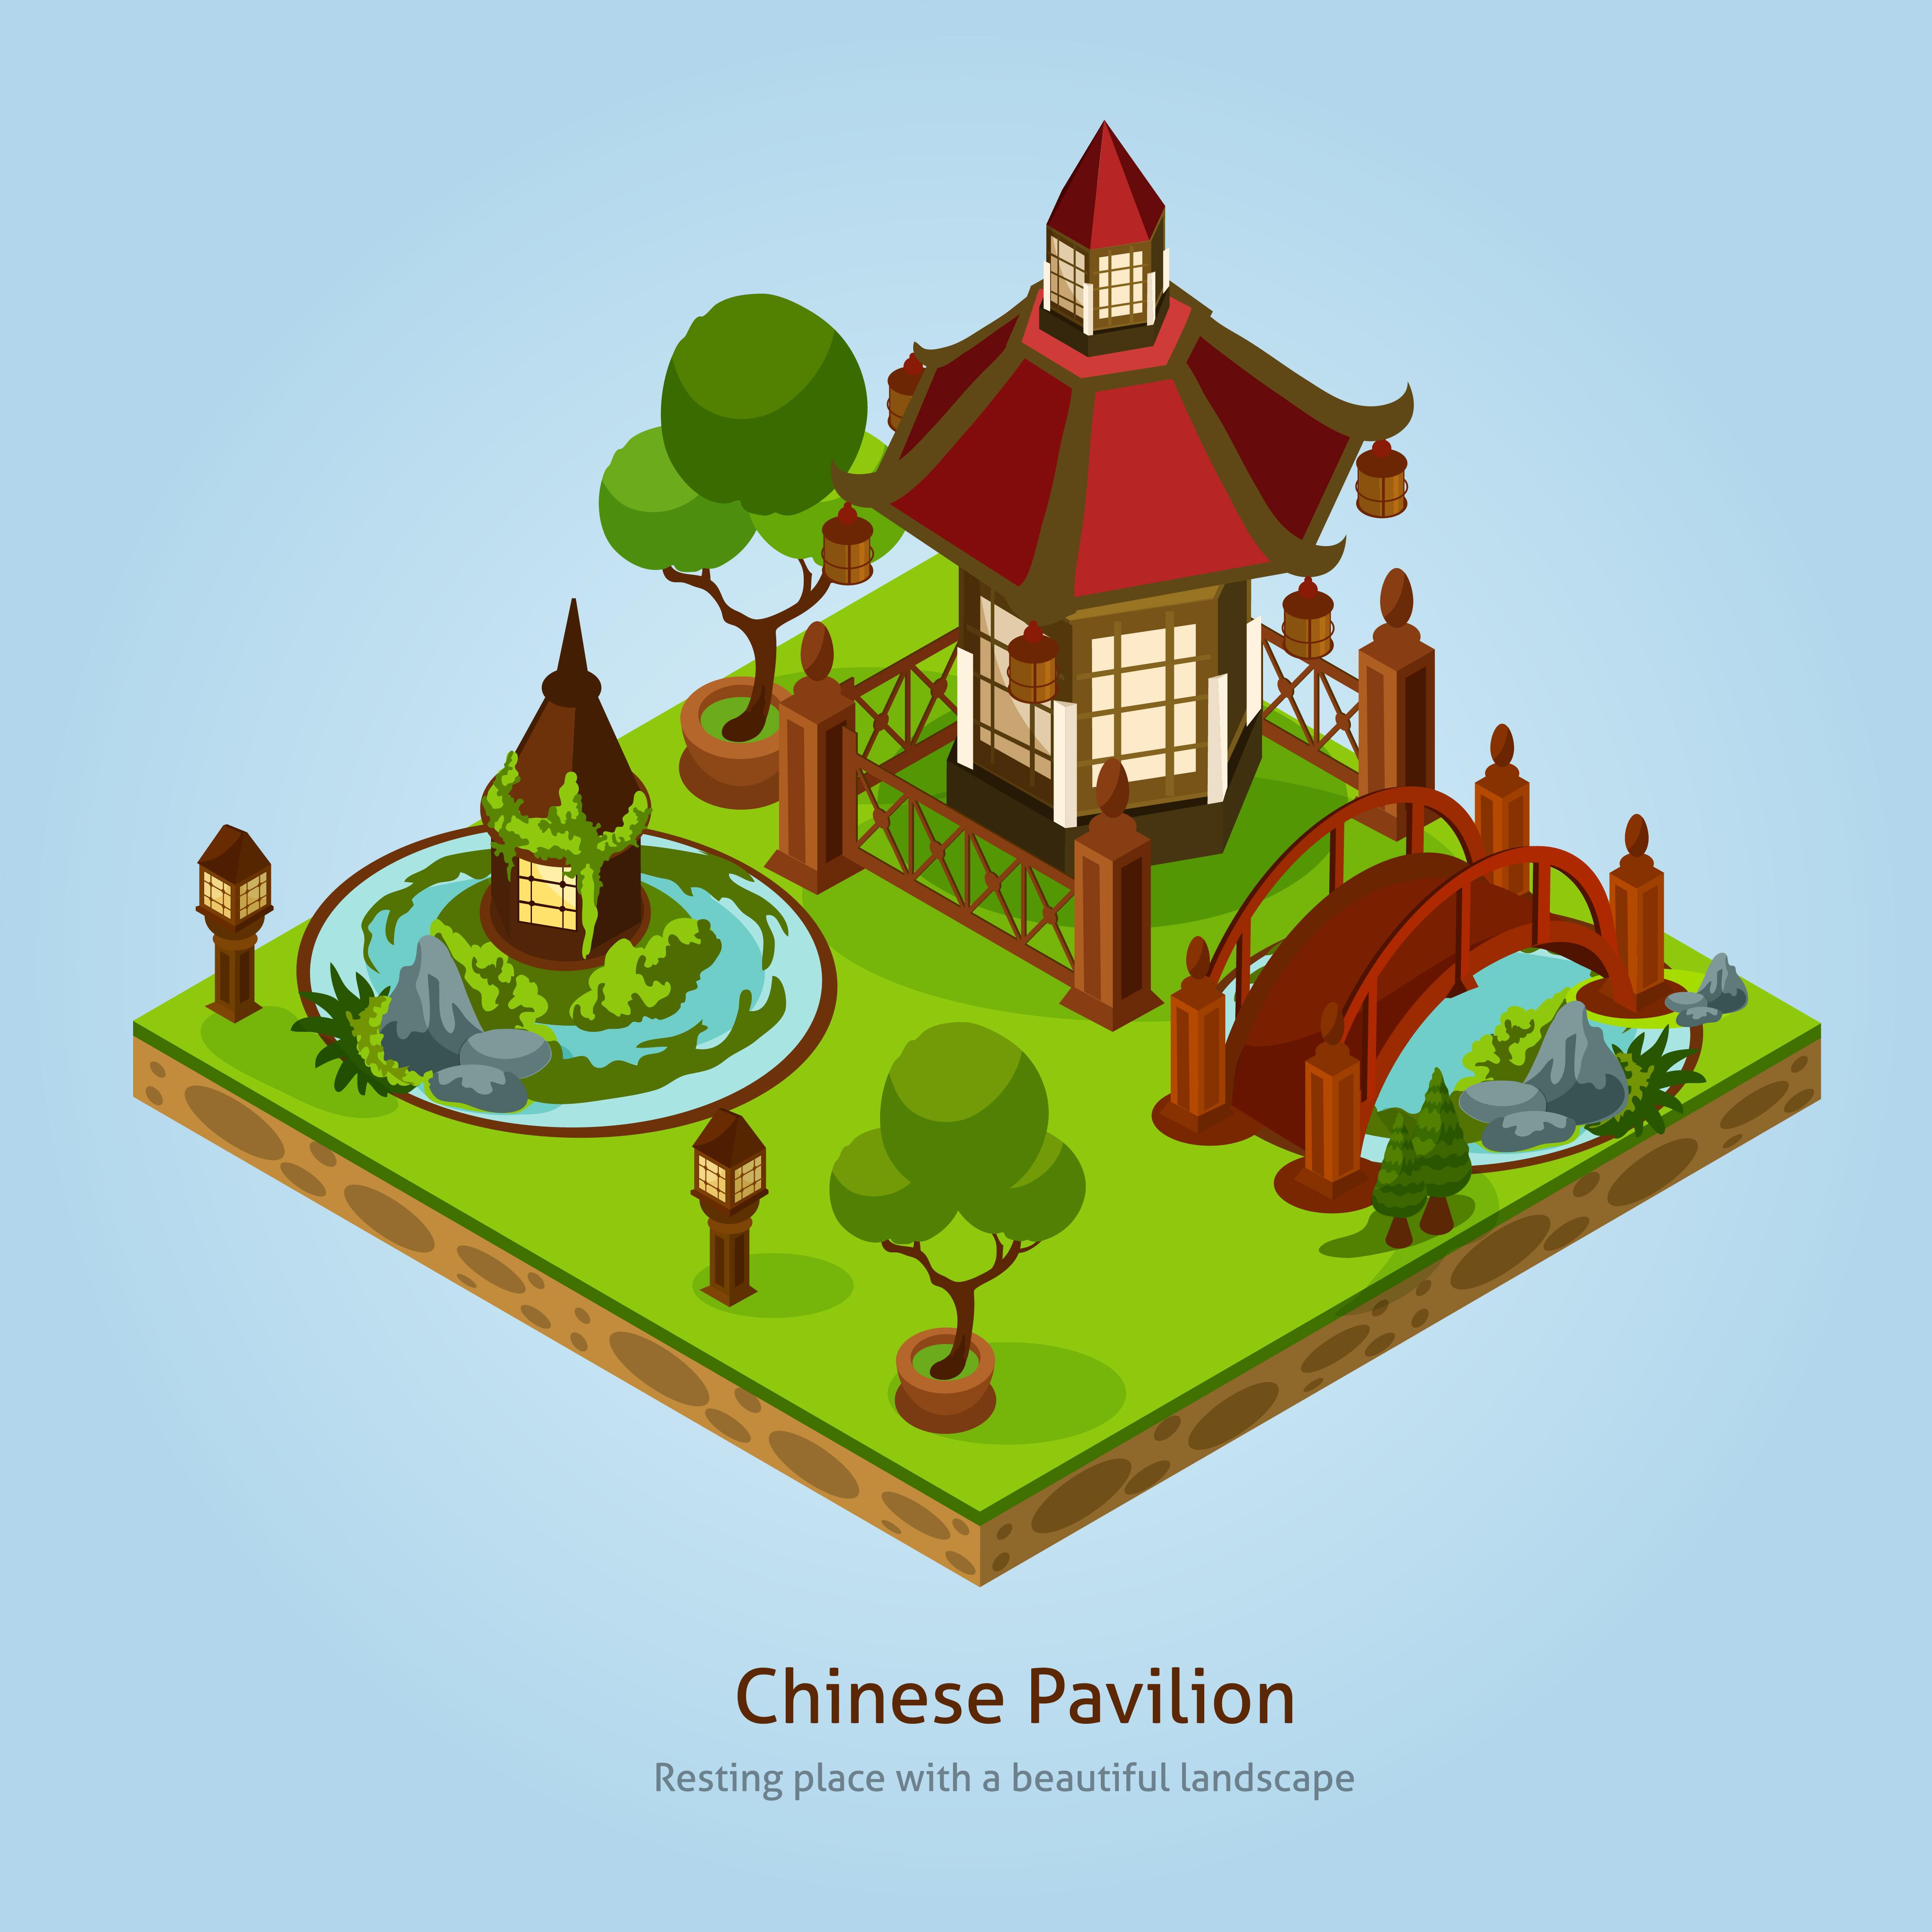 Chinese Pavilion Landscape Design Concept Download Free Vectors